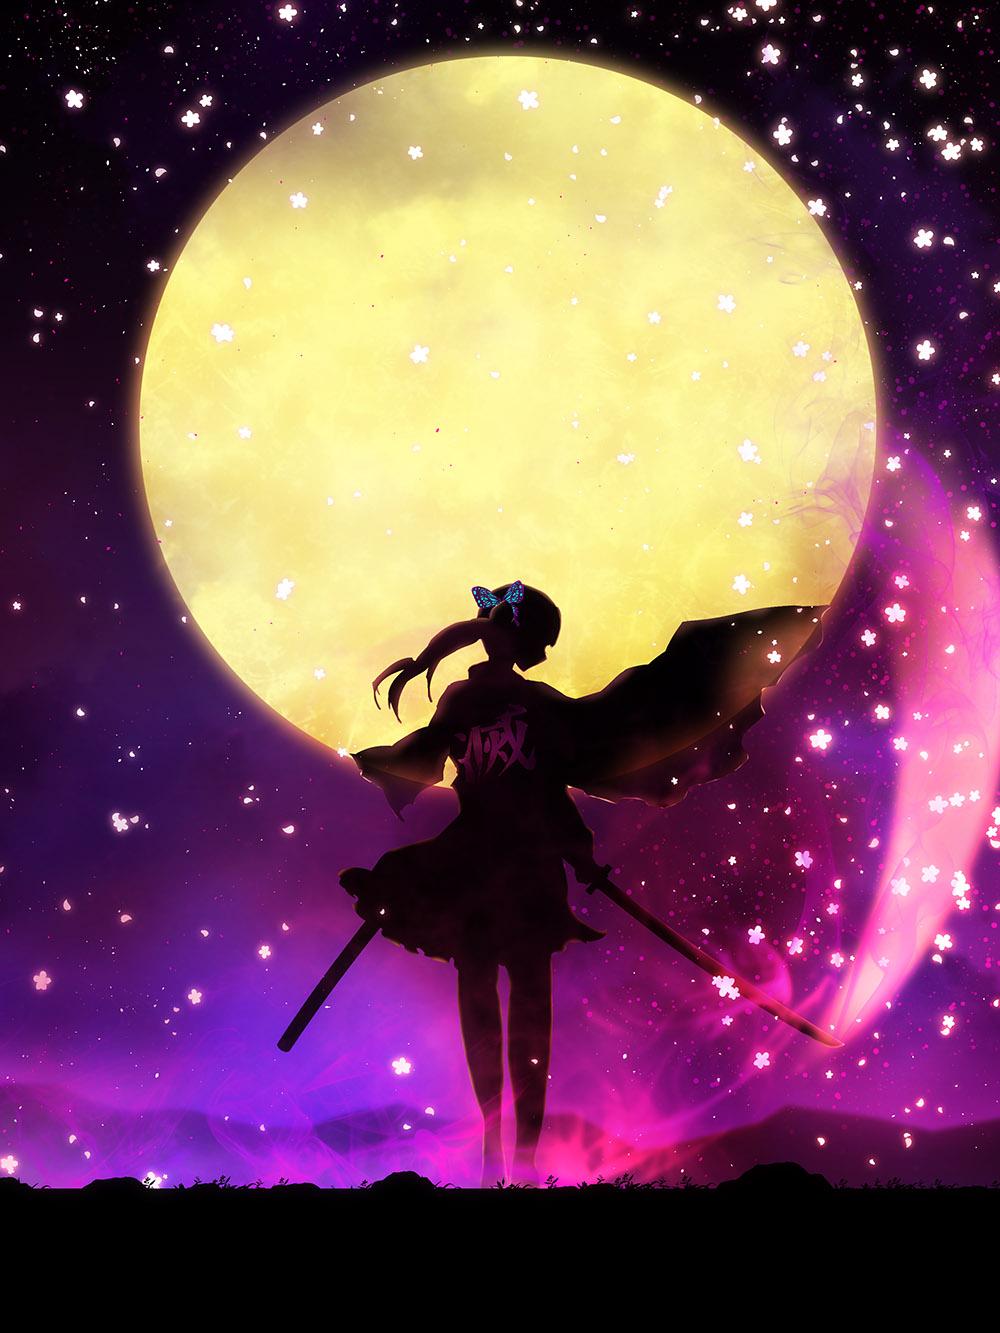 Anime Wallpaper Hd Kanao Tsuyuri Kimetsu No Yaiba Wallpaper